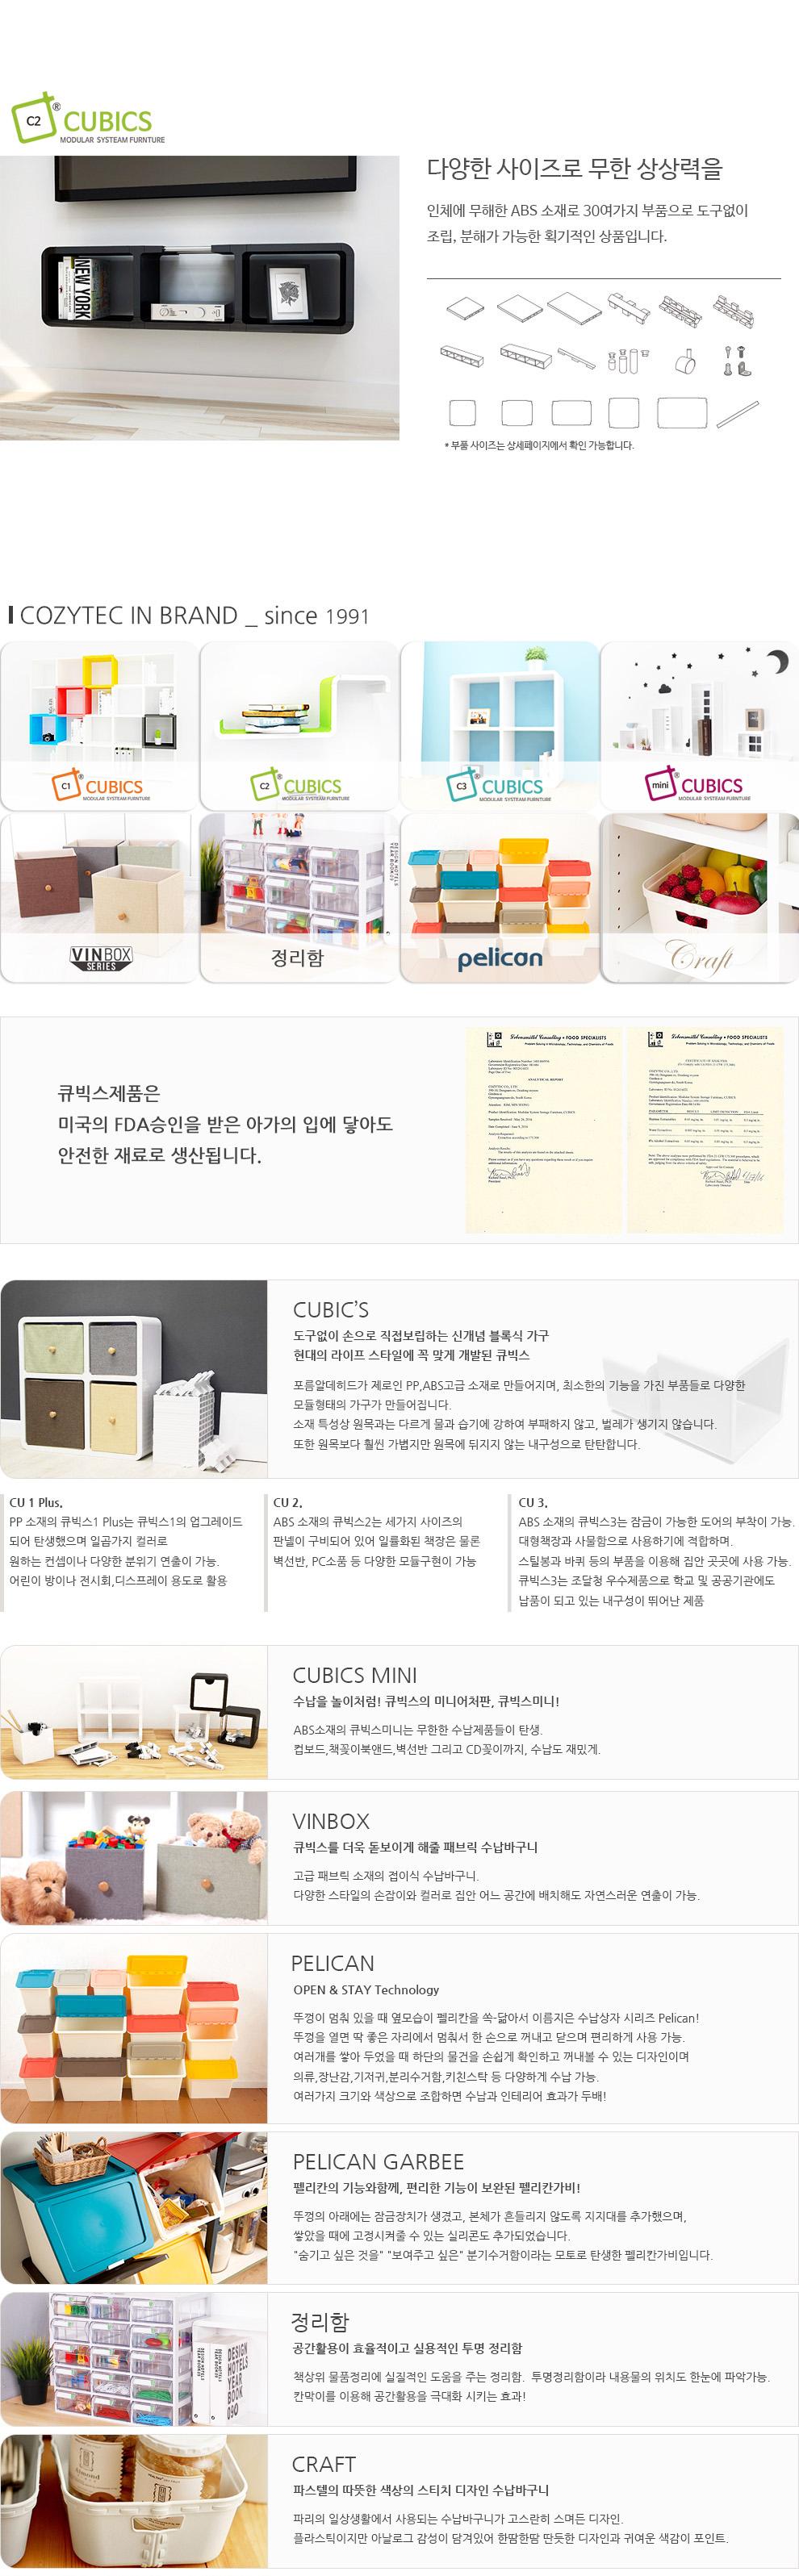 브랜드소개_큐빅스2